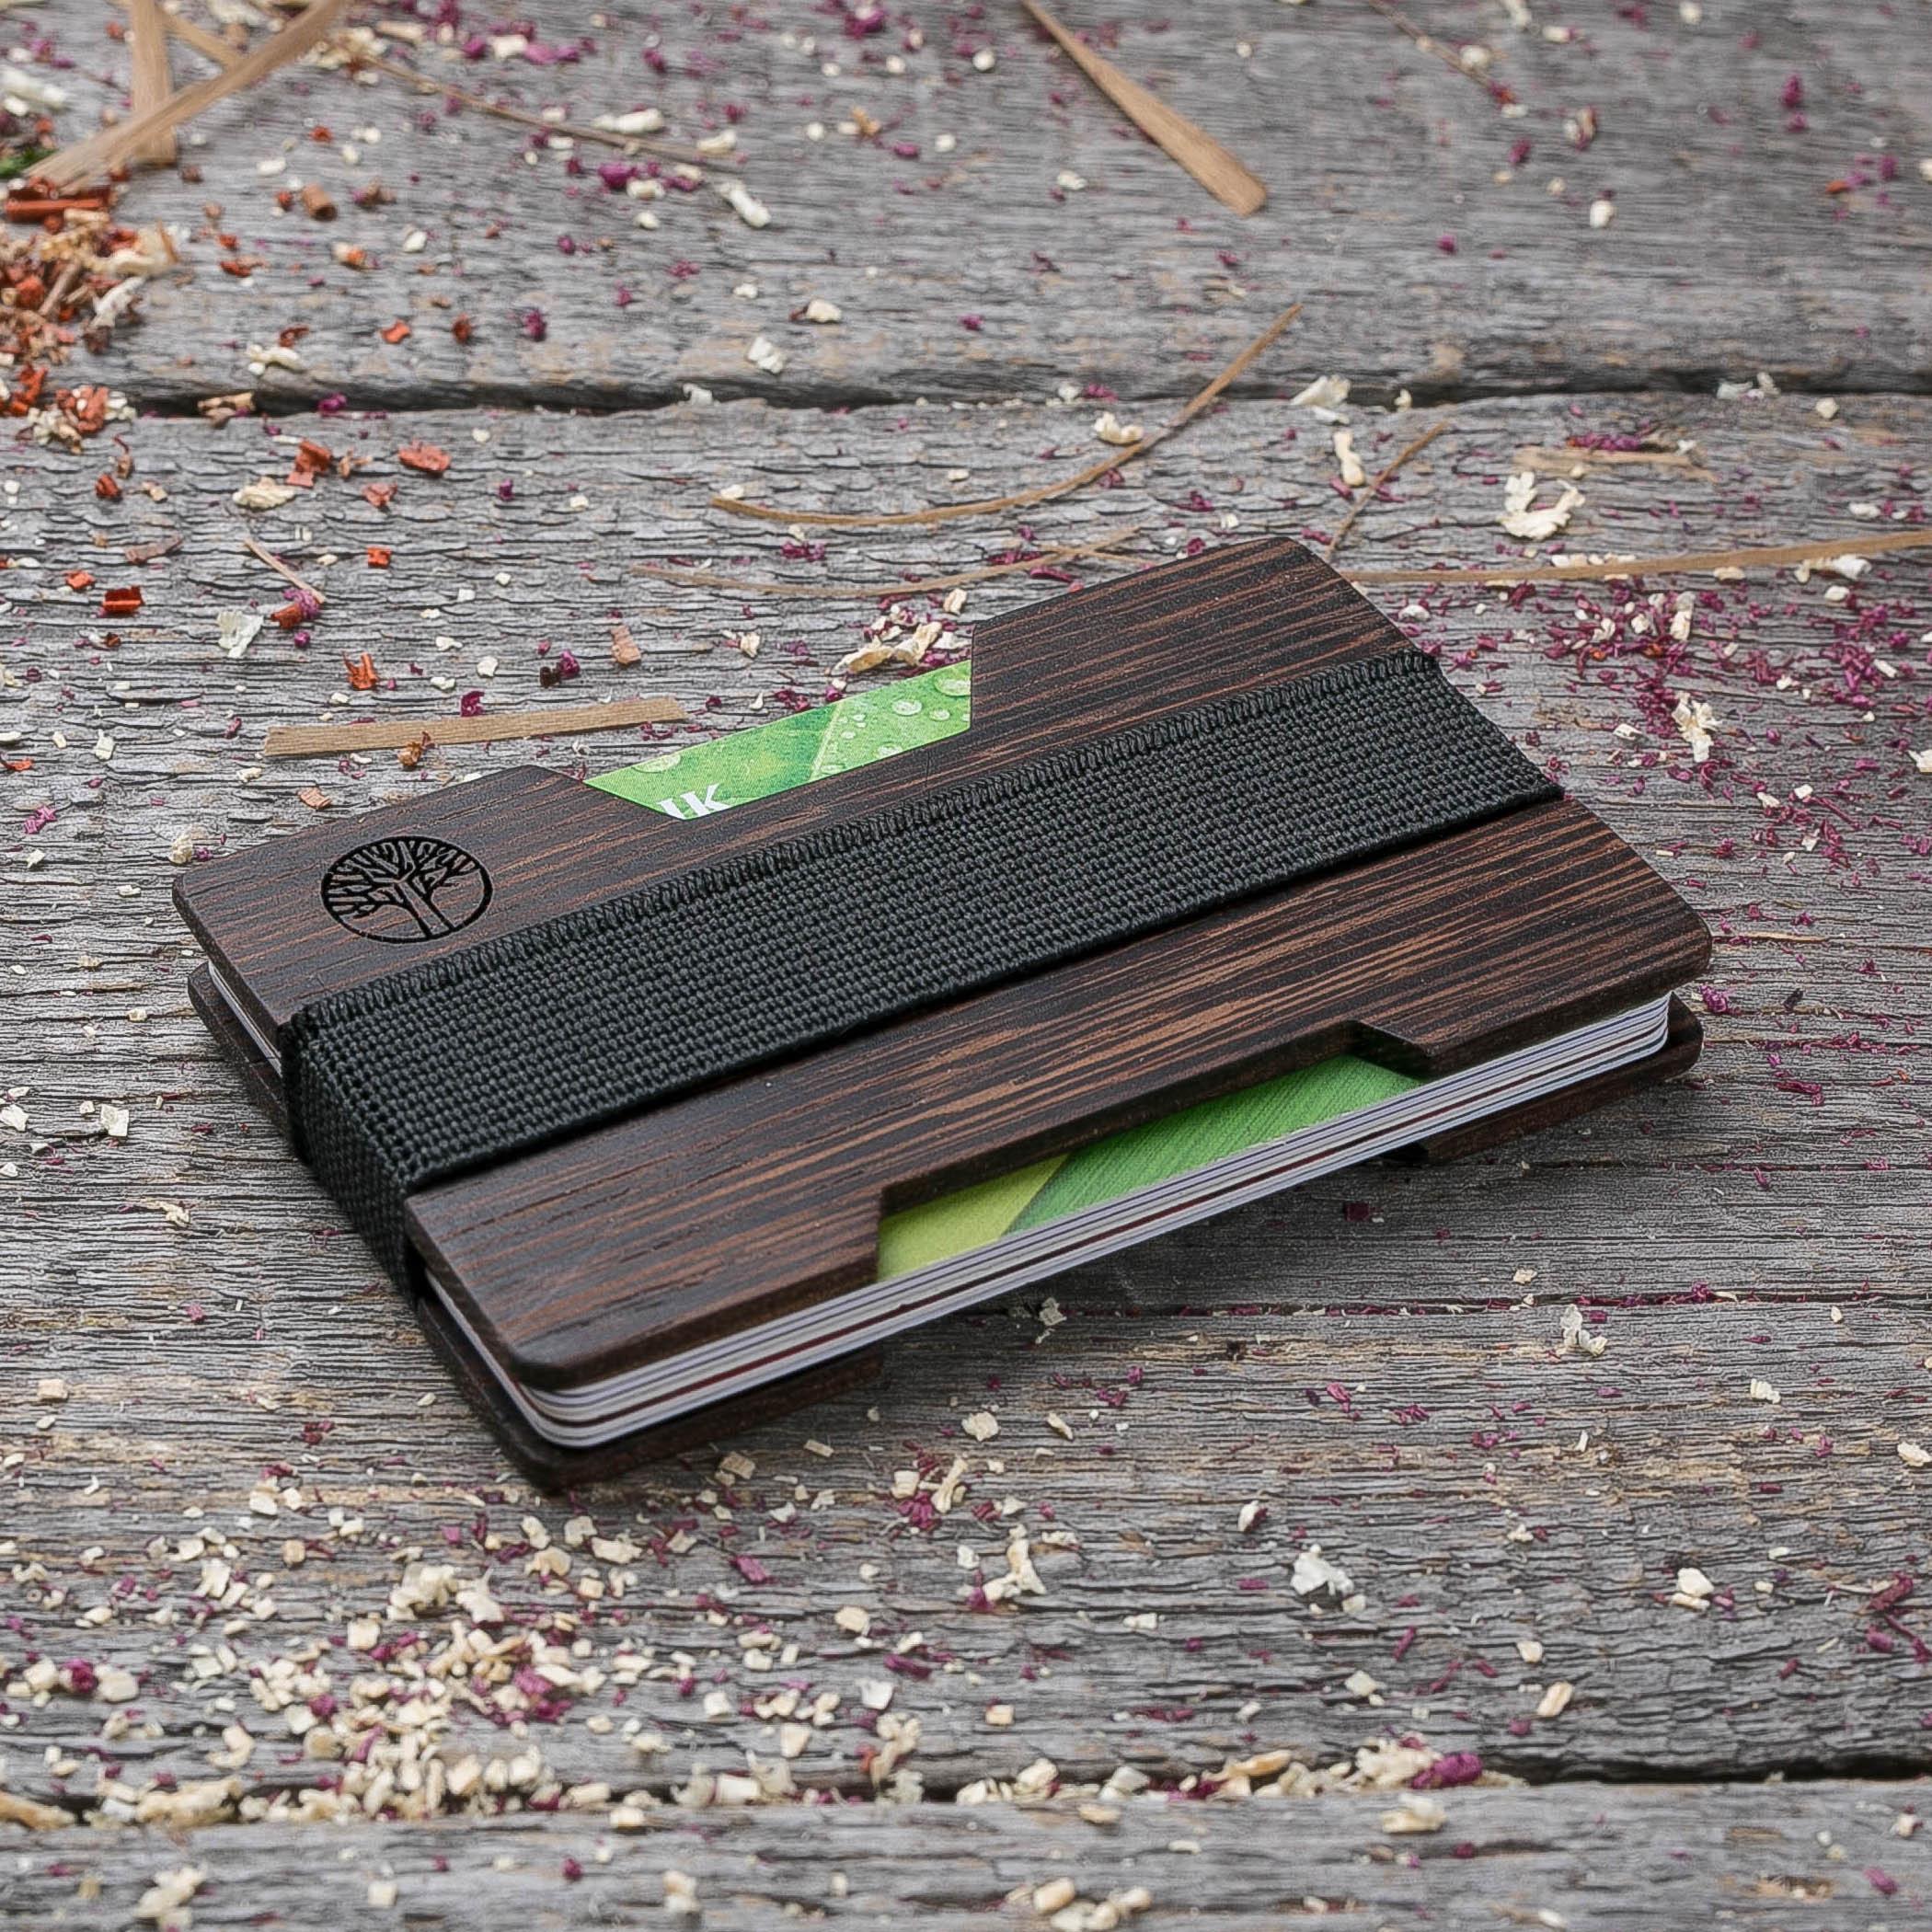 Мини кошелек-кардхолдер из дерева. Массив венге. Для 1-15 пластиковых карт и купюр. Подарок другу или бизнес партнеру, именной кошелек. Гравировка имени или логотипа + открытка из дерева TwinsMiniWallet-WengeH